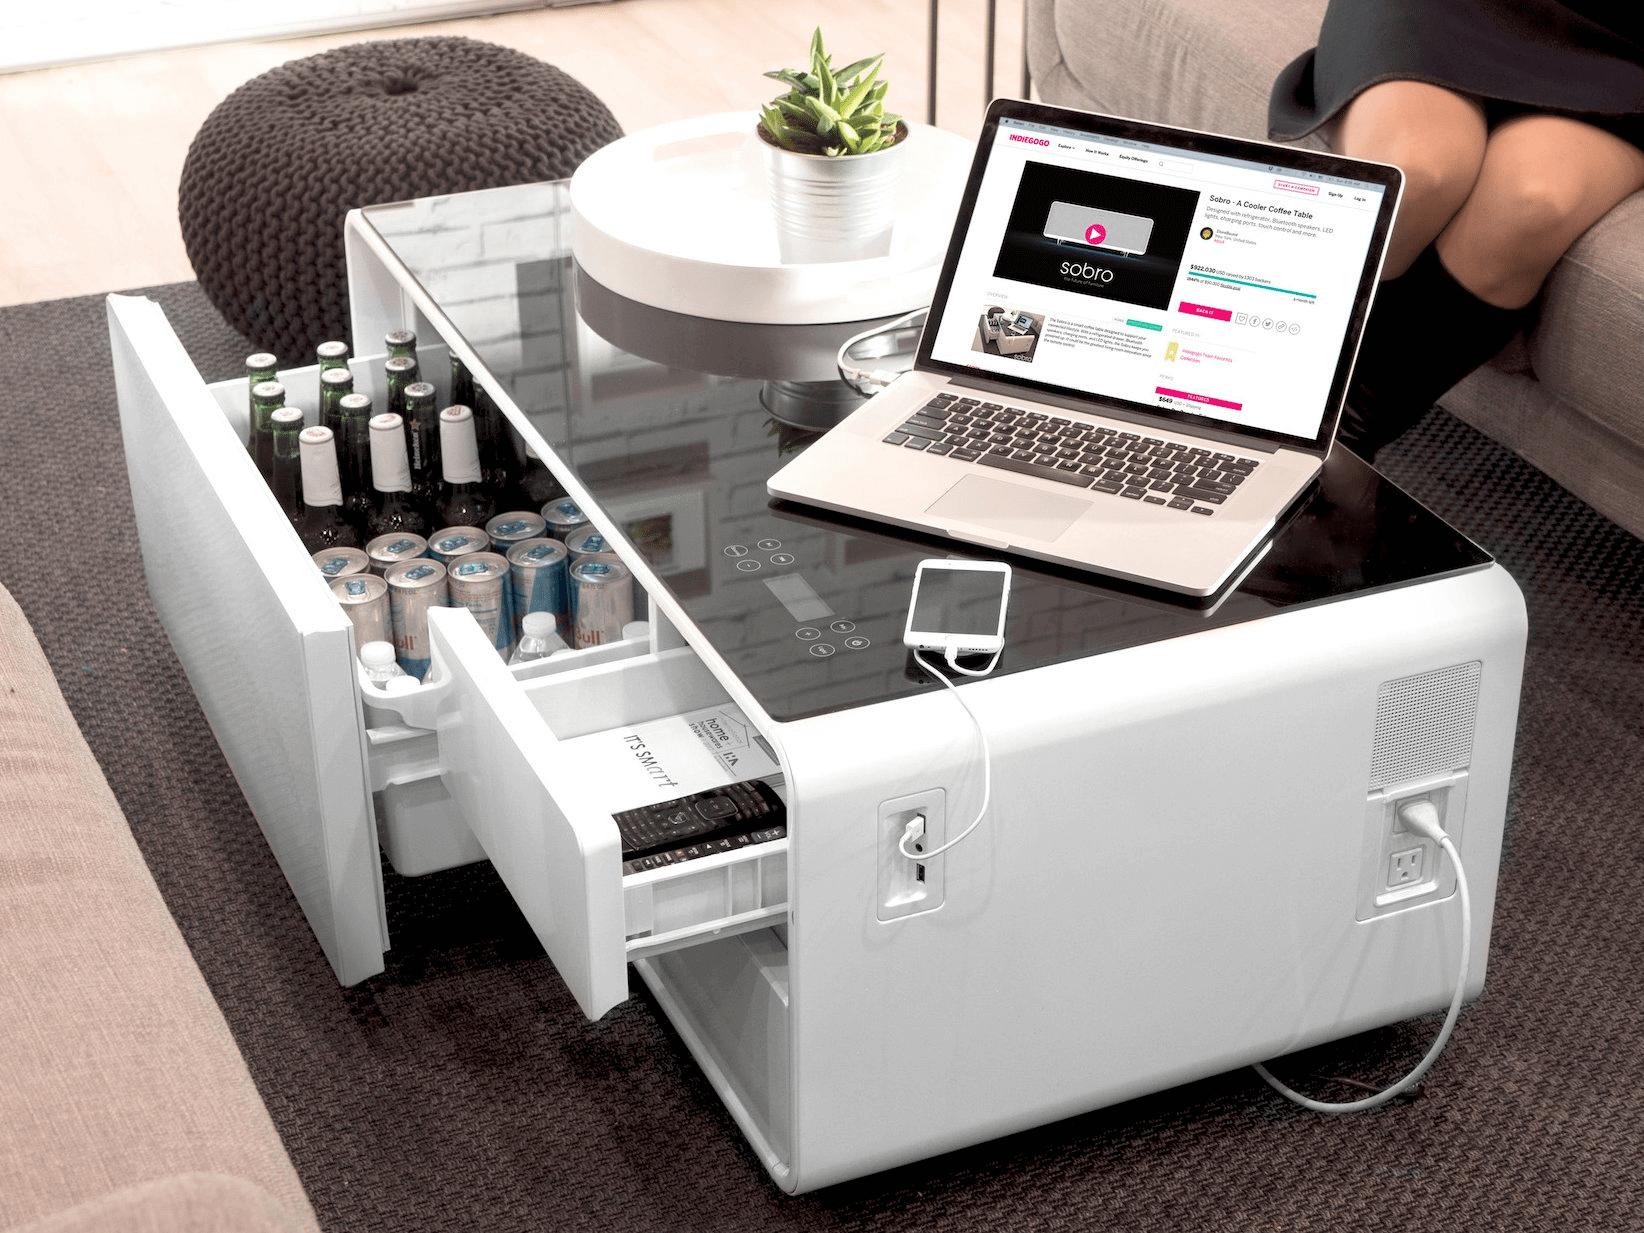 Mesa de centro inteligente tem frigobar, player de música, USB e tomadas